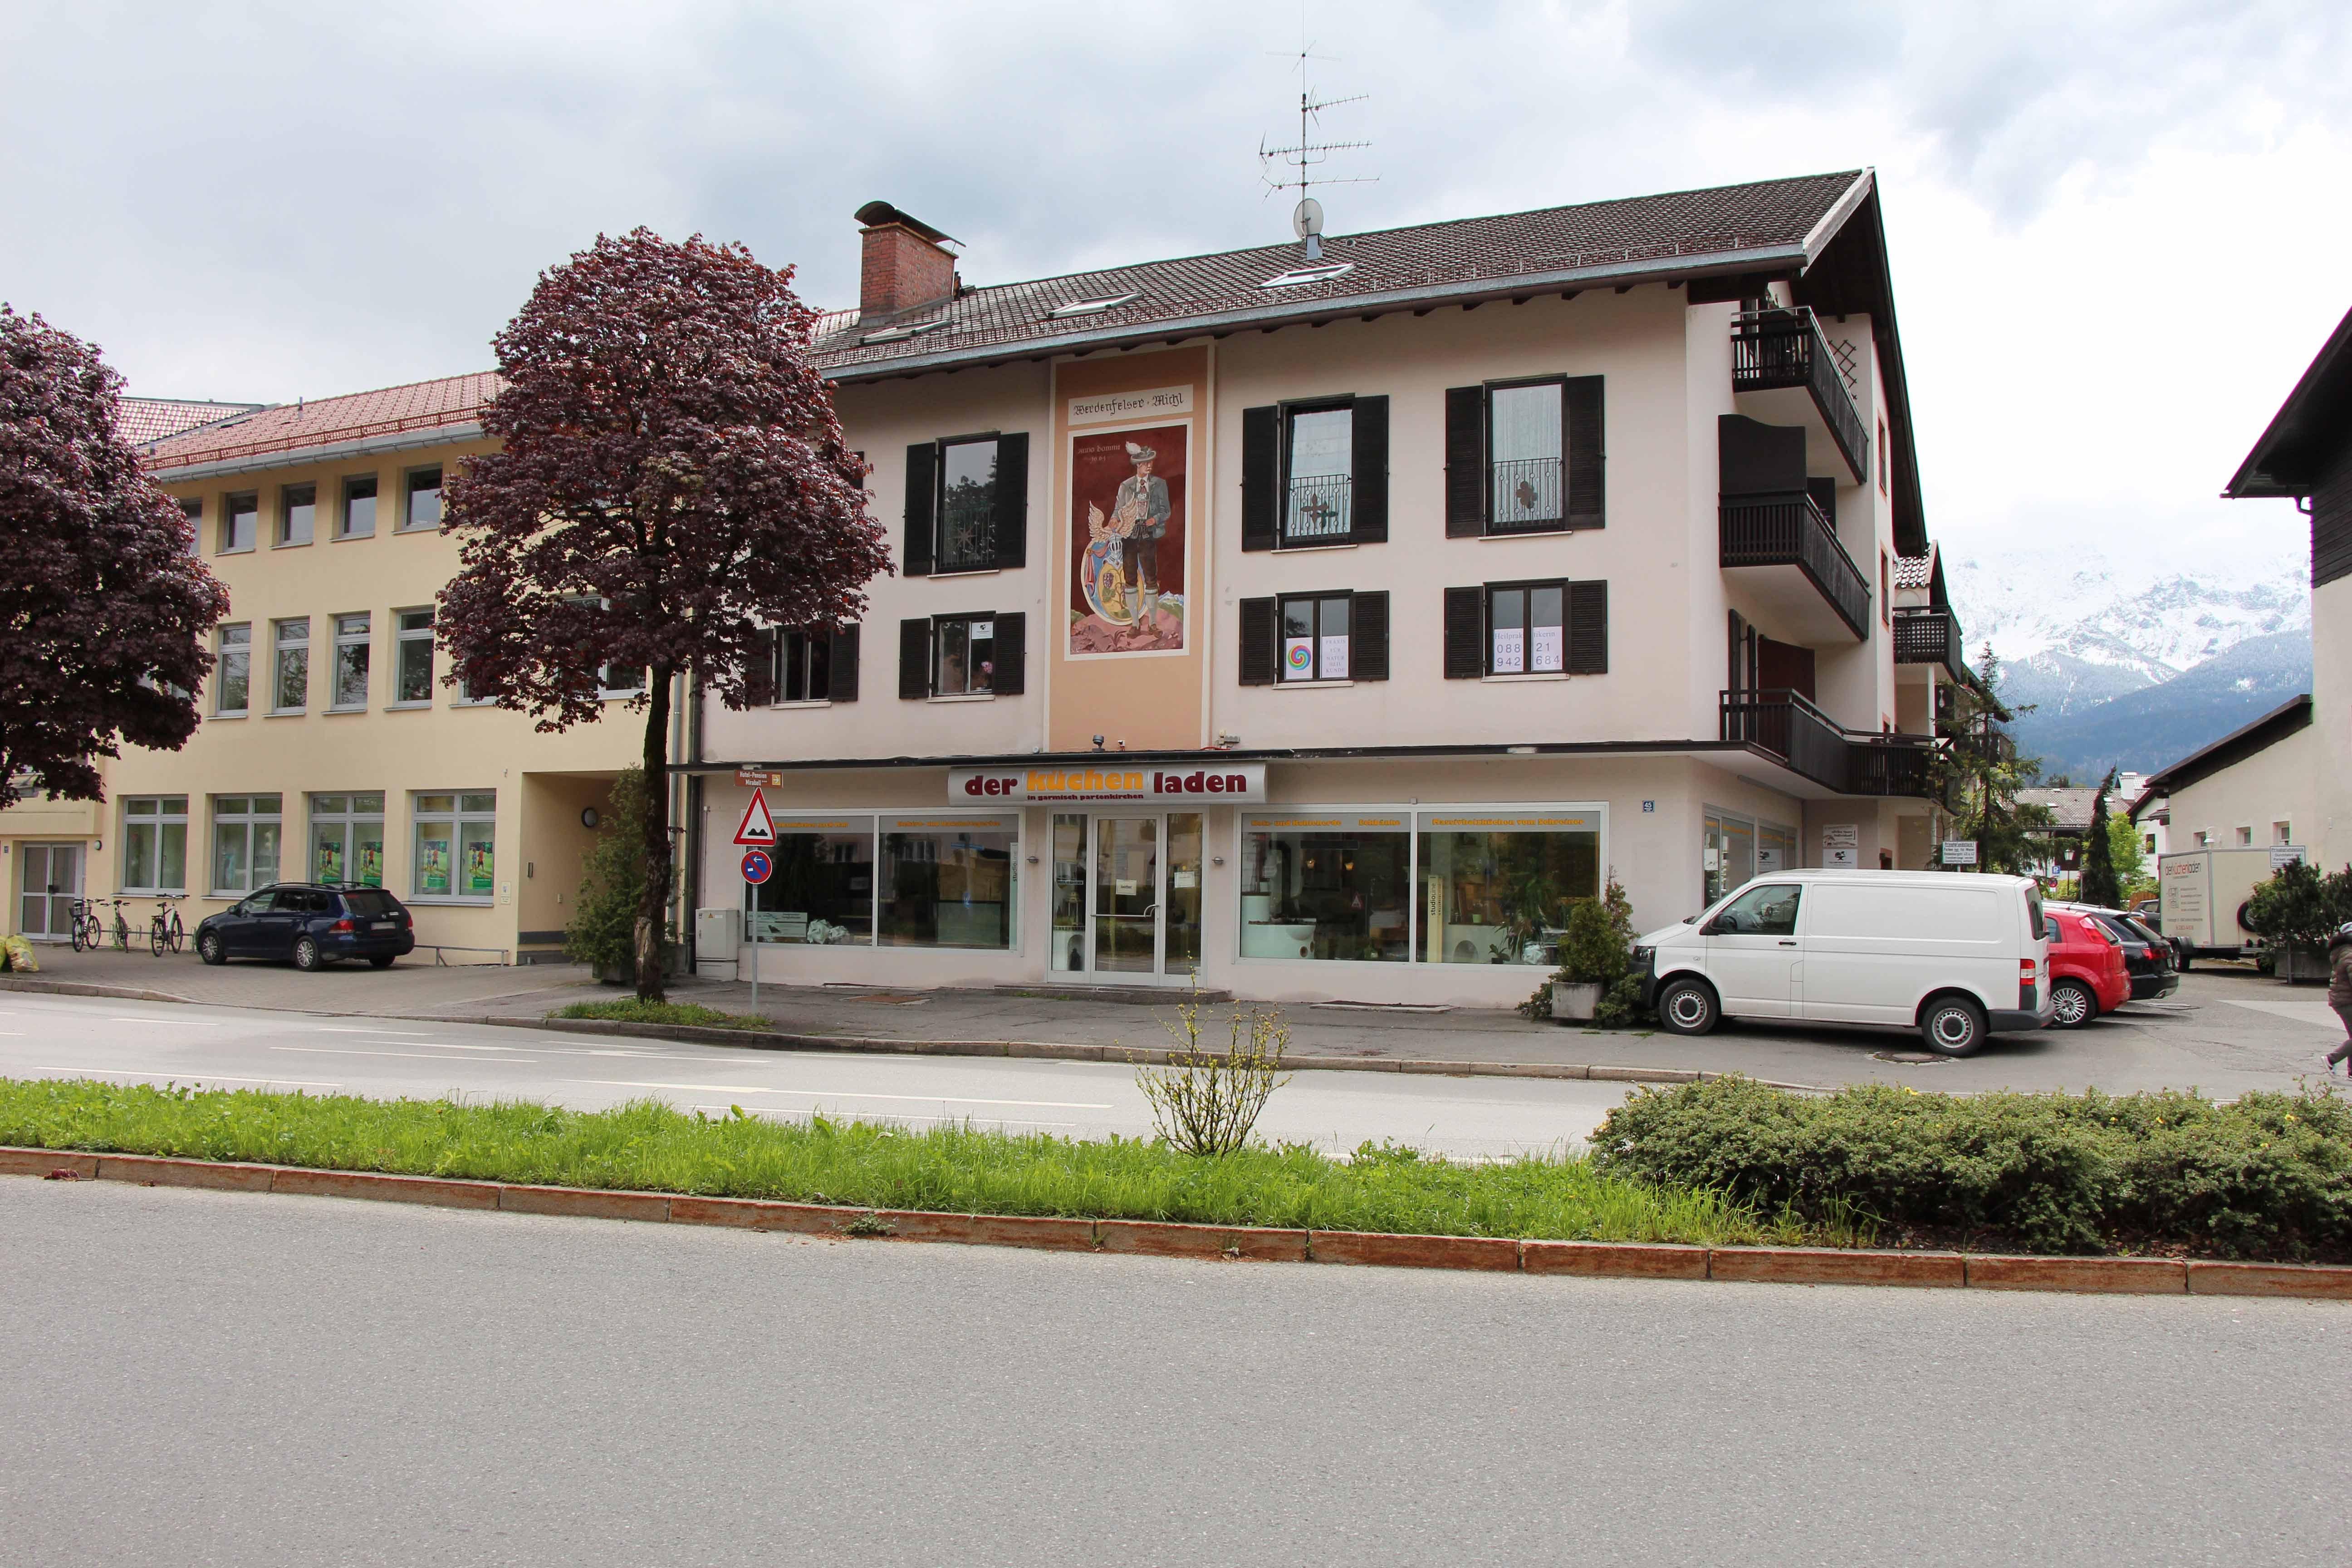 Bild der Außenansicht der Praxis für Naturheilkunde der Heilpraktikerin Diane Zardini in Garmisch-Partenkirchen.